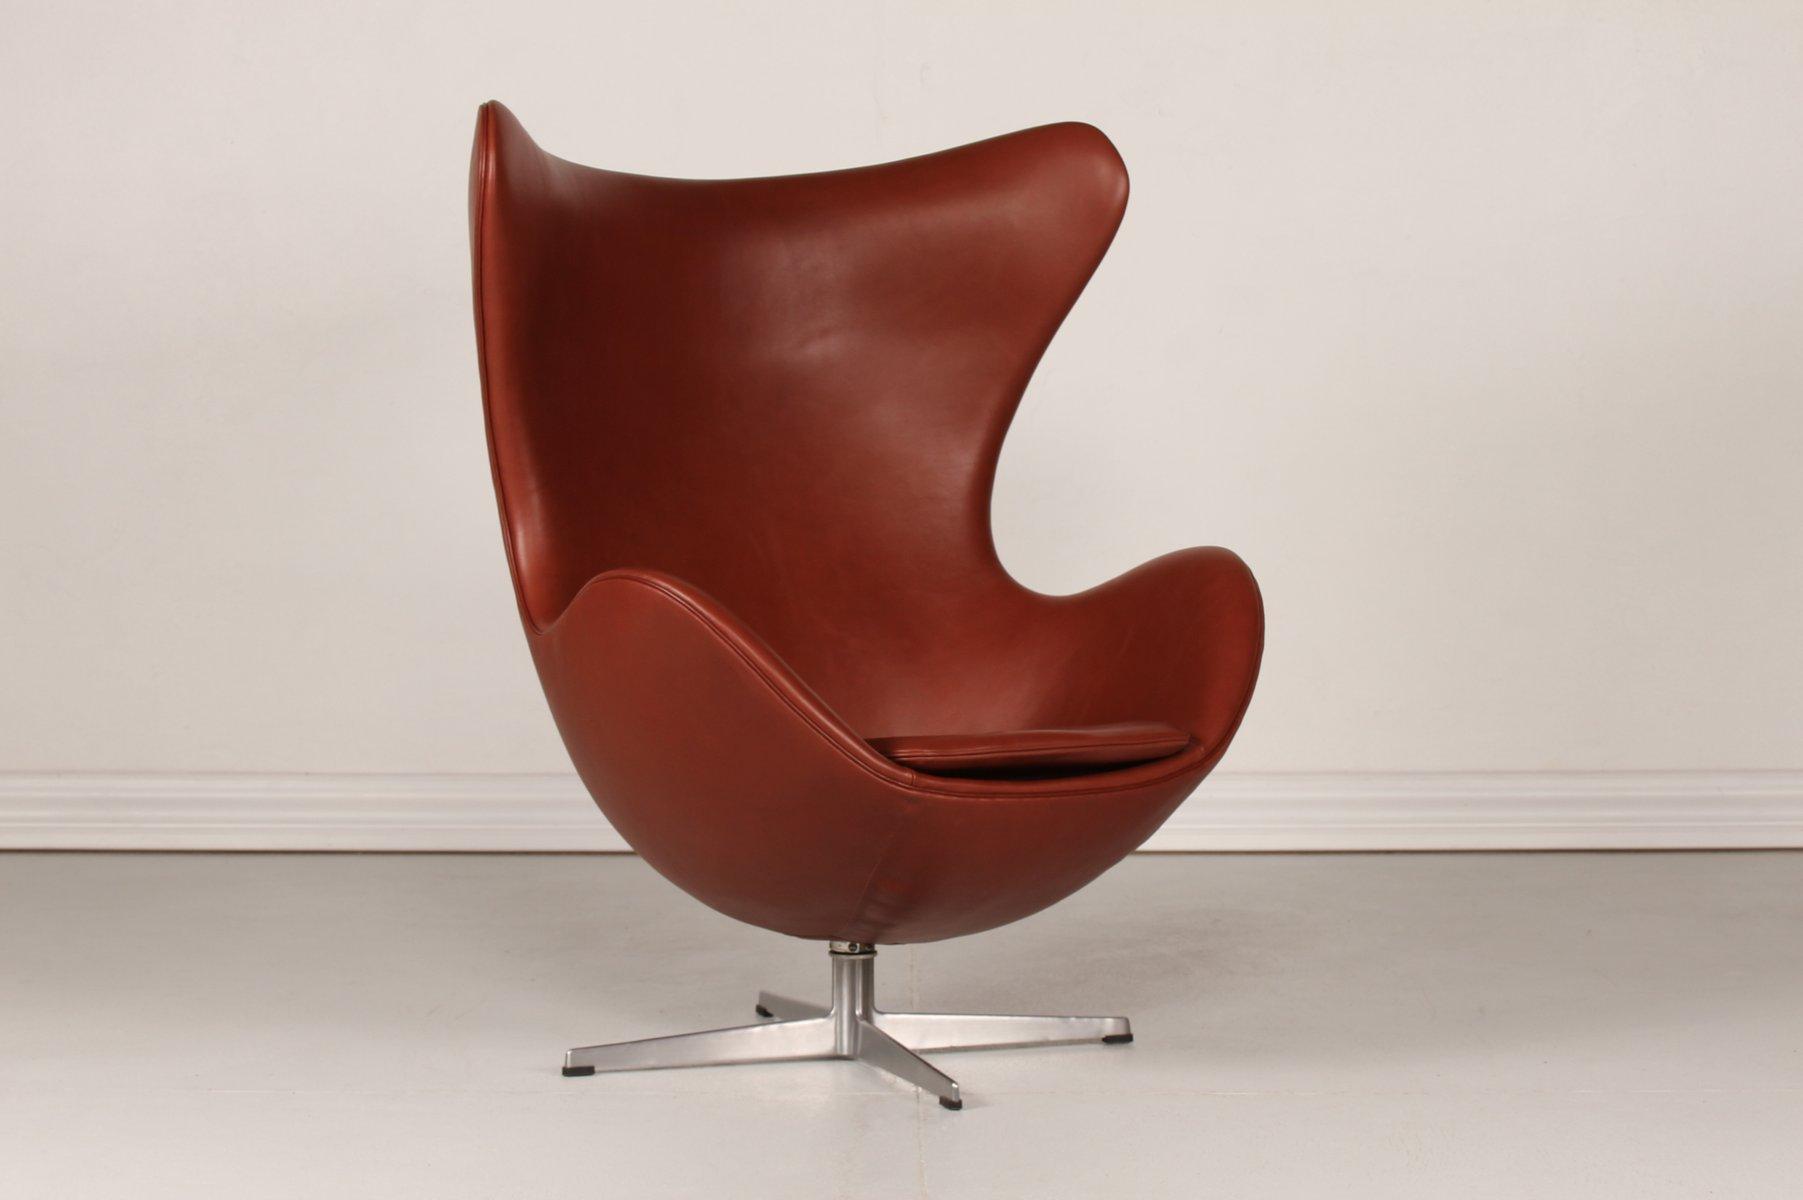 Cognacfarbener Leder 3316 Egg Chair von Arne Jacobsen für Fritz Hansen...